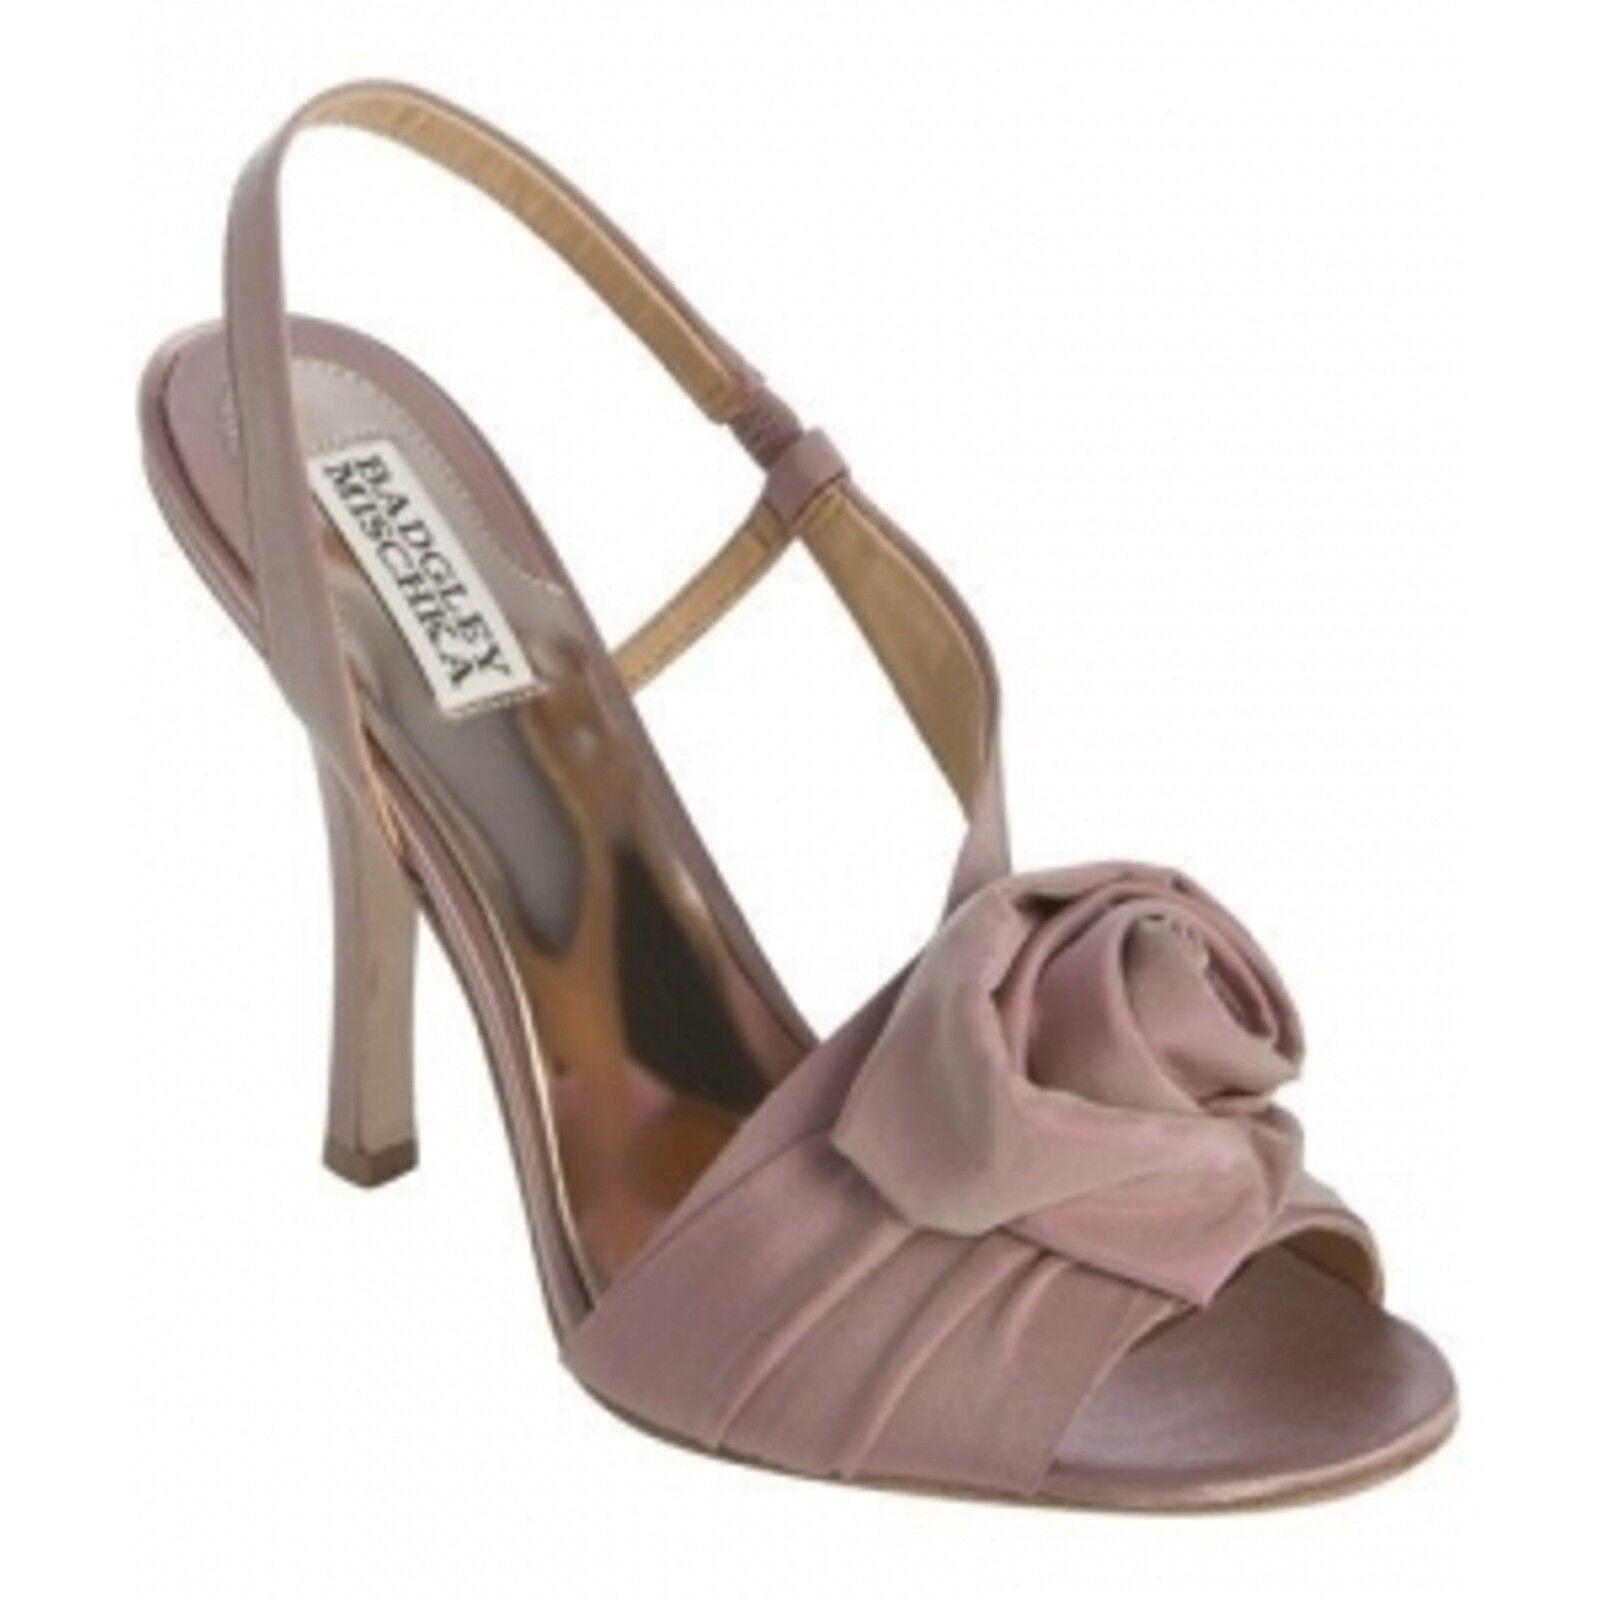 Nuevo En Caja Badgley Mischka Mischka Mischka Lanah Nupcial Tacón Zapatos de la Sandalia Abierta Satén rosadododota rosadododo 7,5 M  la mejor oferta de tienda online